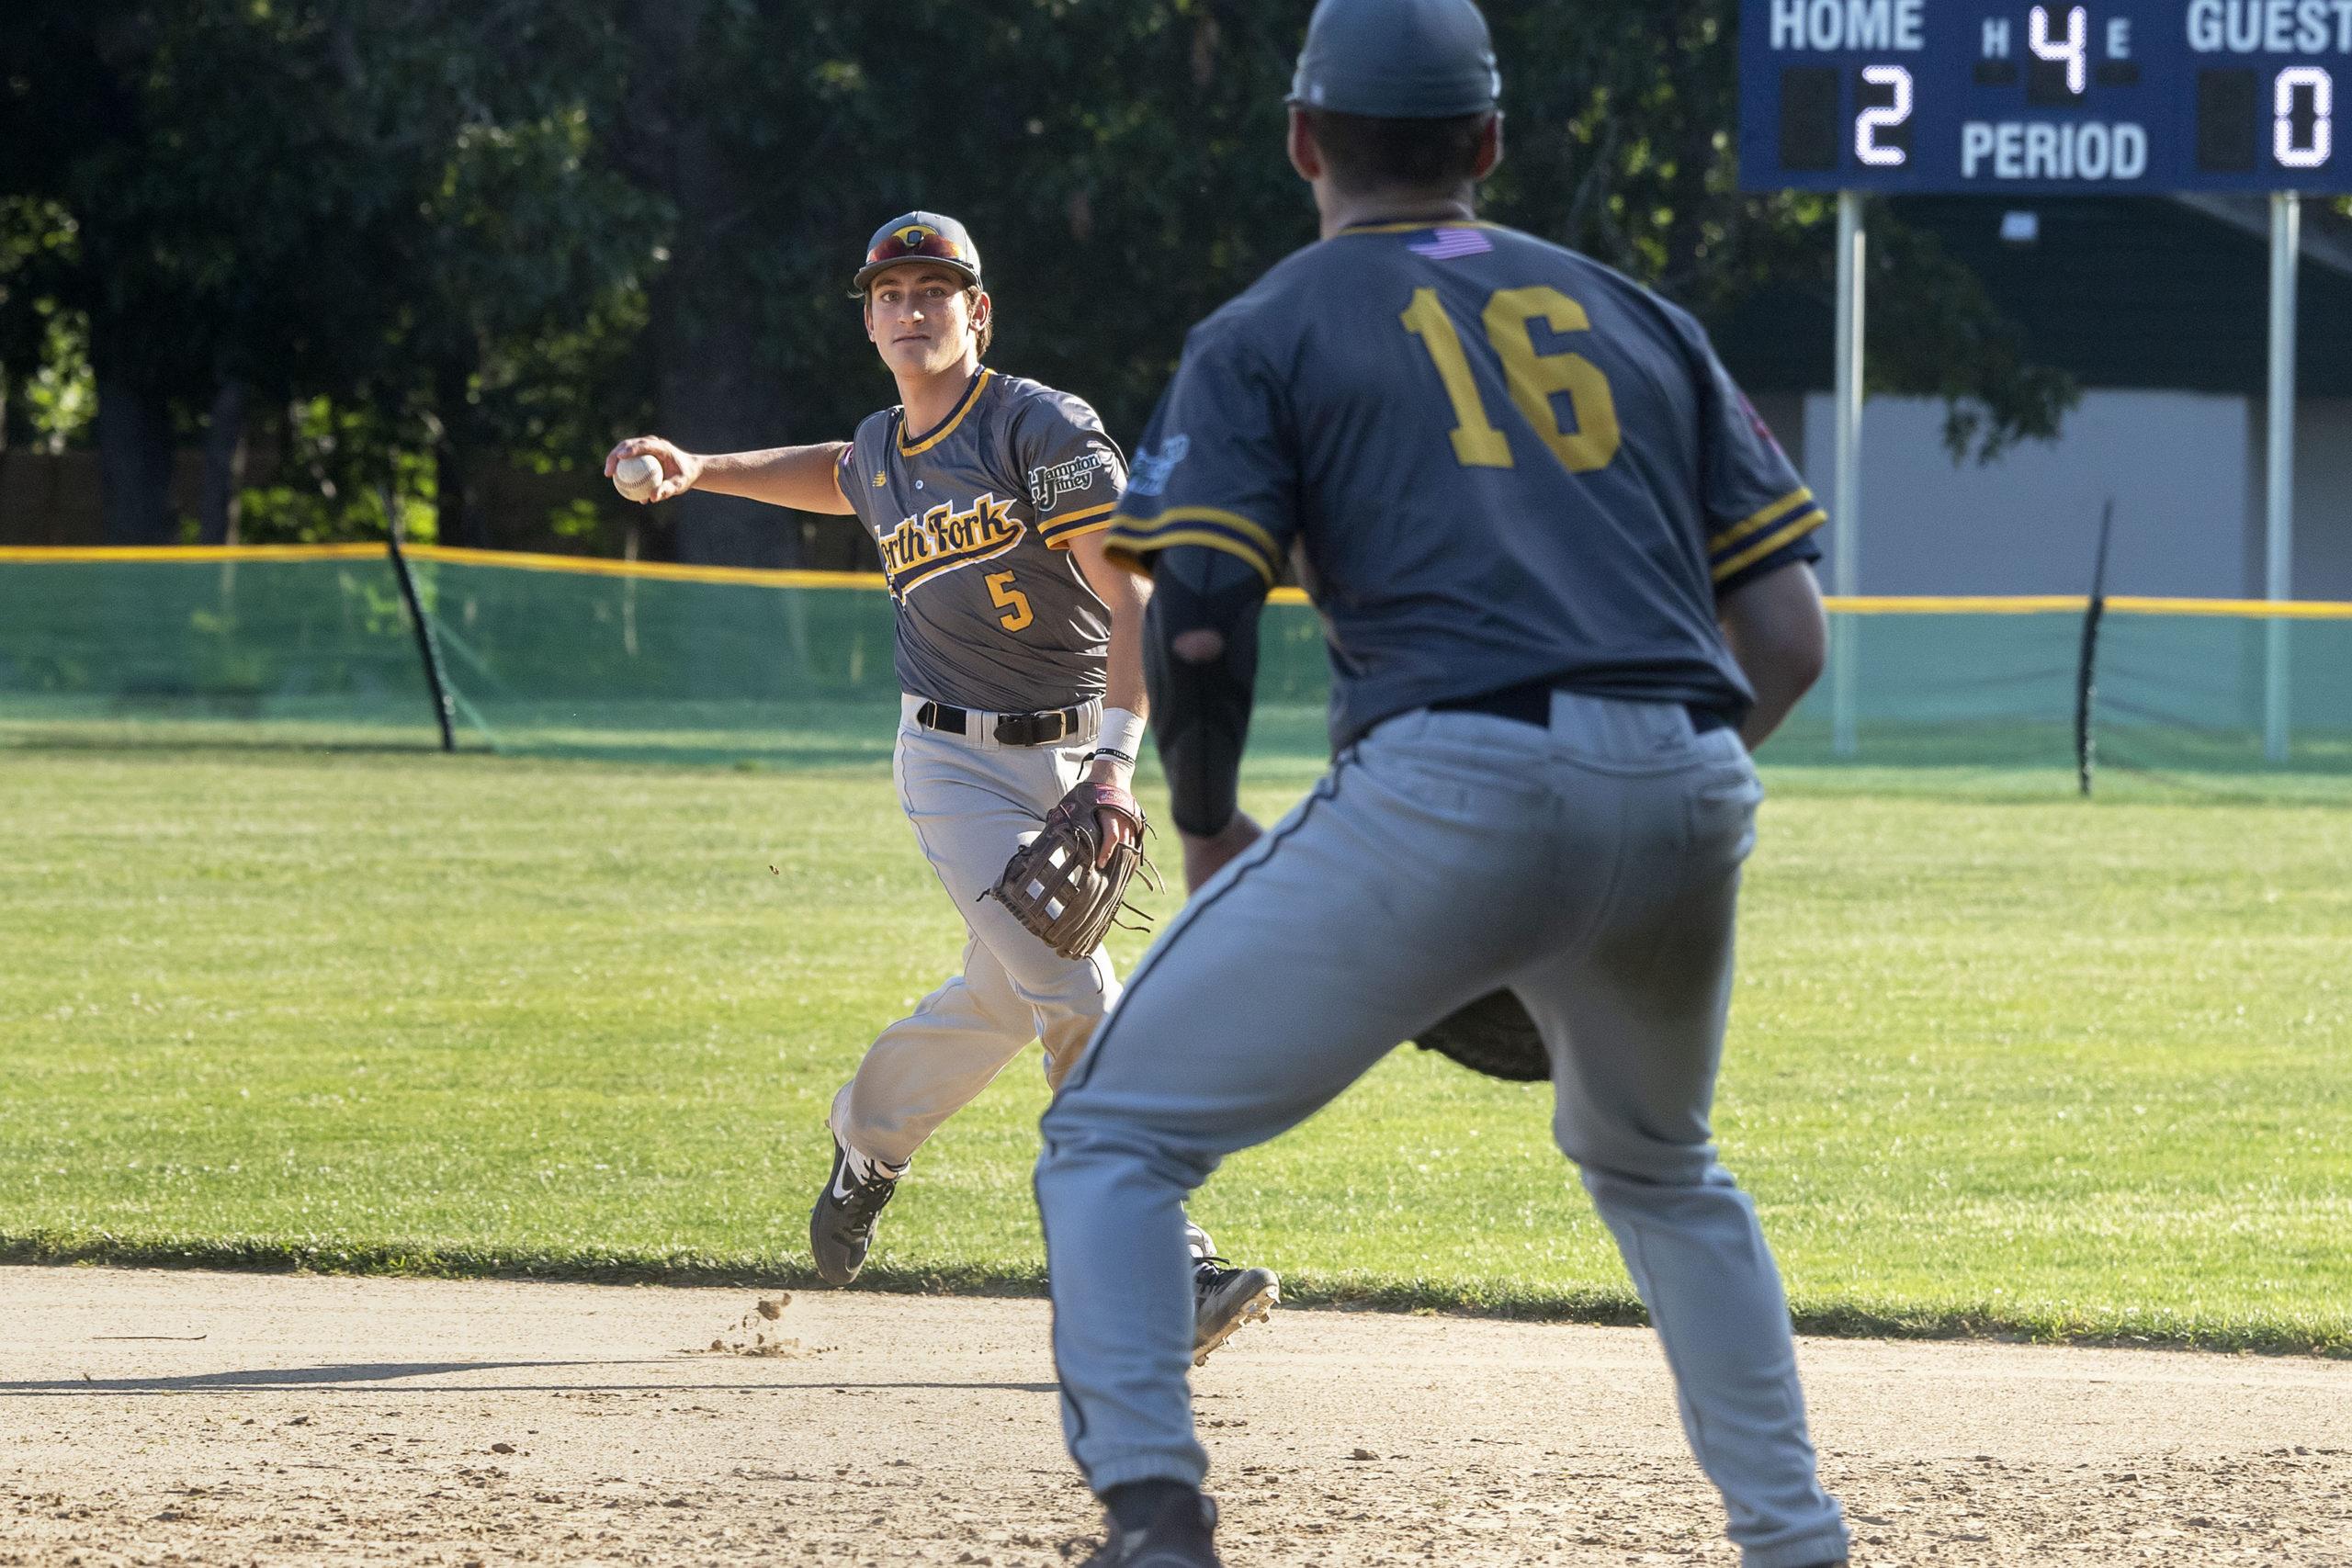 Osprey infielder Reece Rippoli throws to first baseman Steven Luttazi after fielding a grounder.